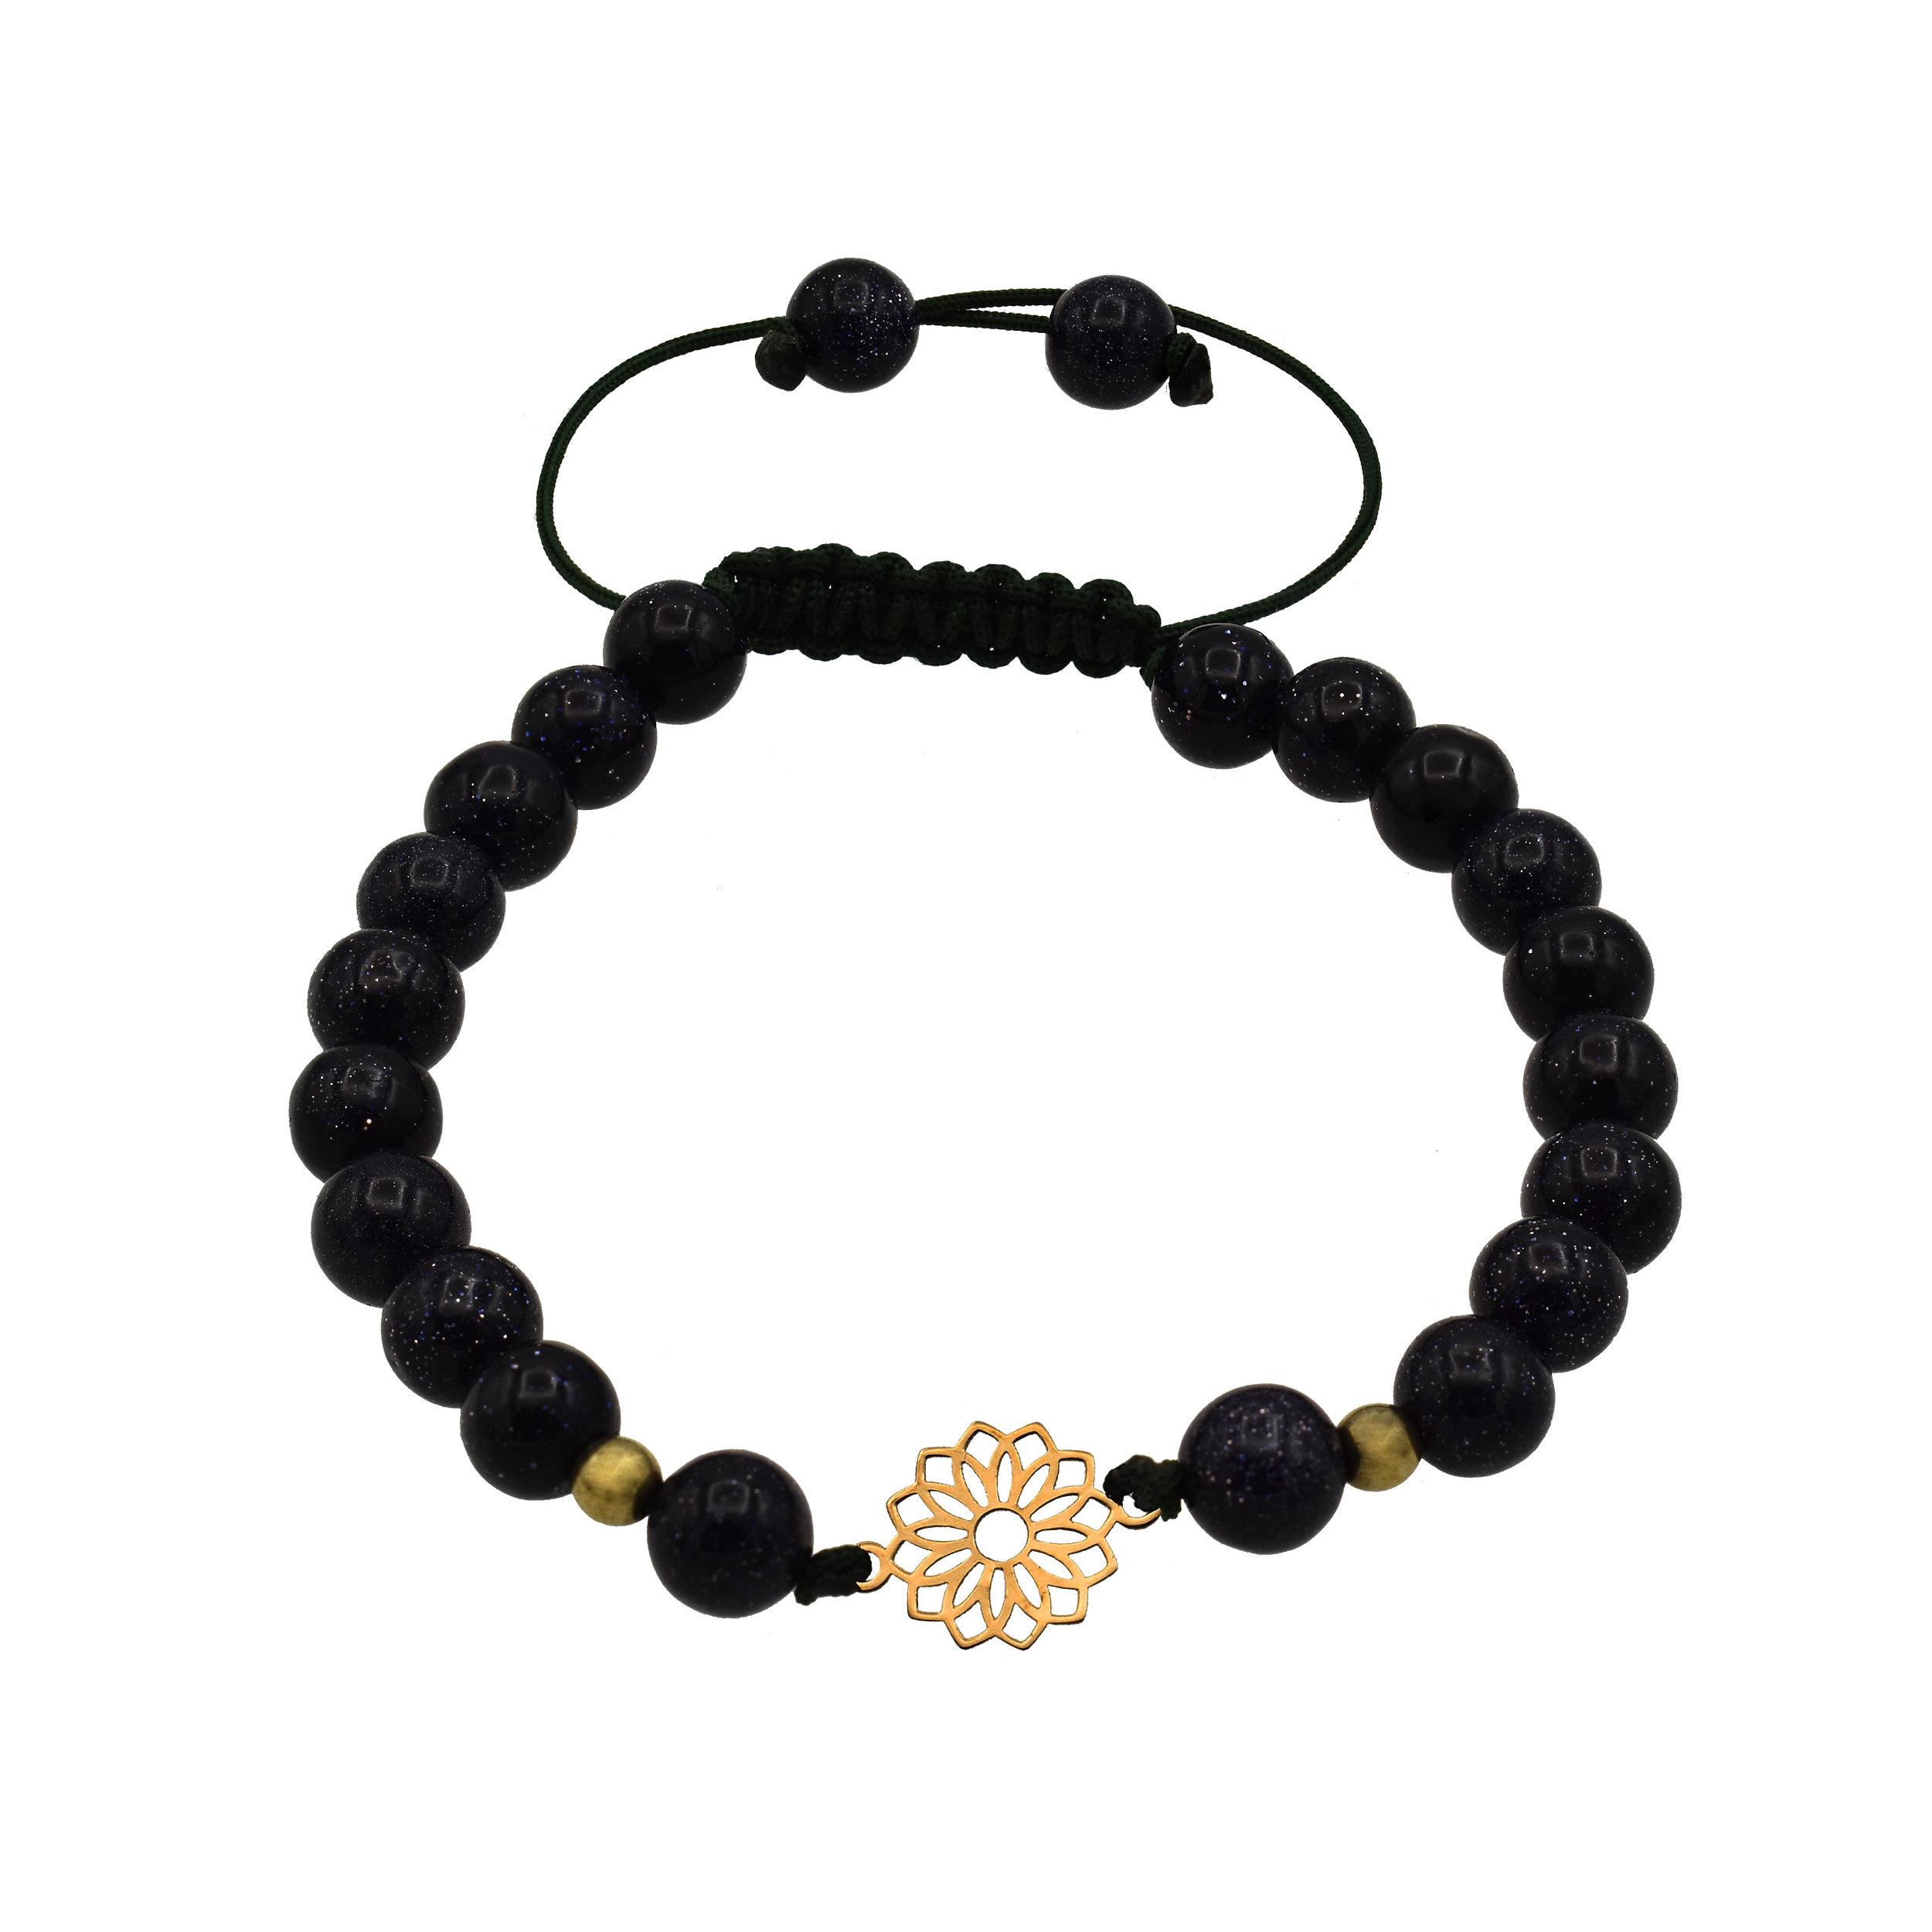 دستبند طلا 18 عیار زنانه آمانژ طرح اسلیمی کد 398D2787